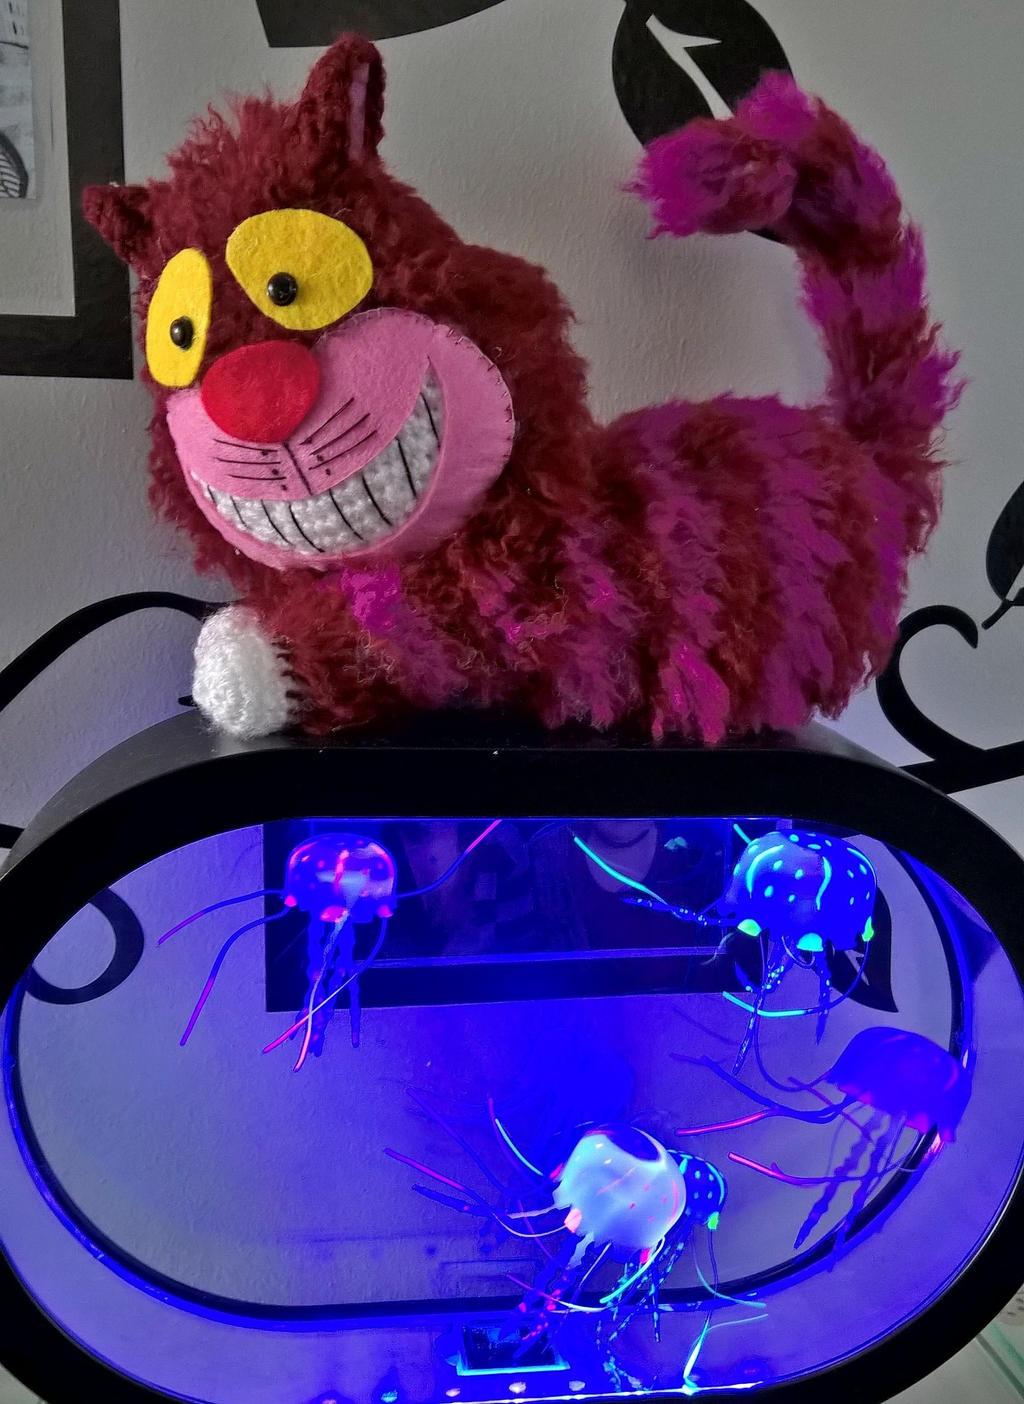 Cheshire Cat Amigurumi : Cheshire Cat Amigurumi by Anaseed on DeviantArt